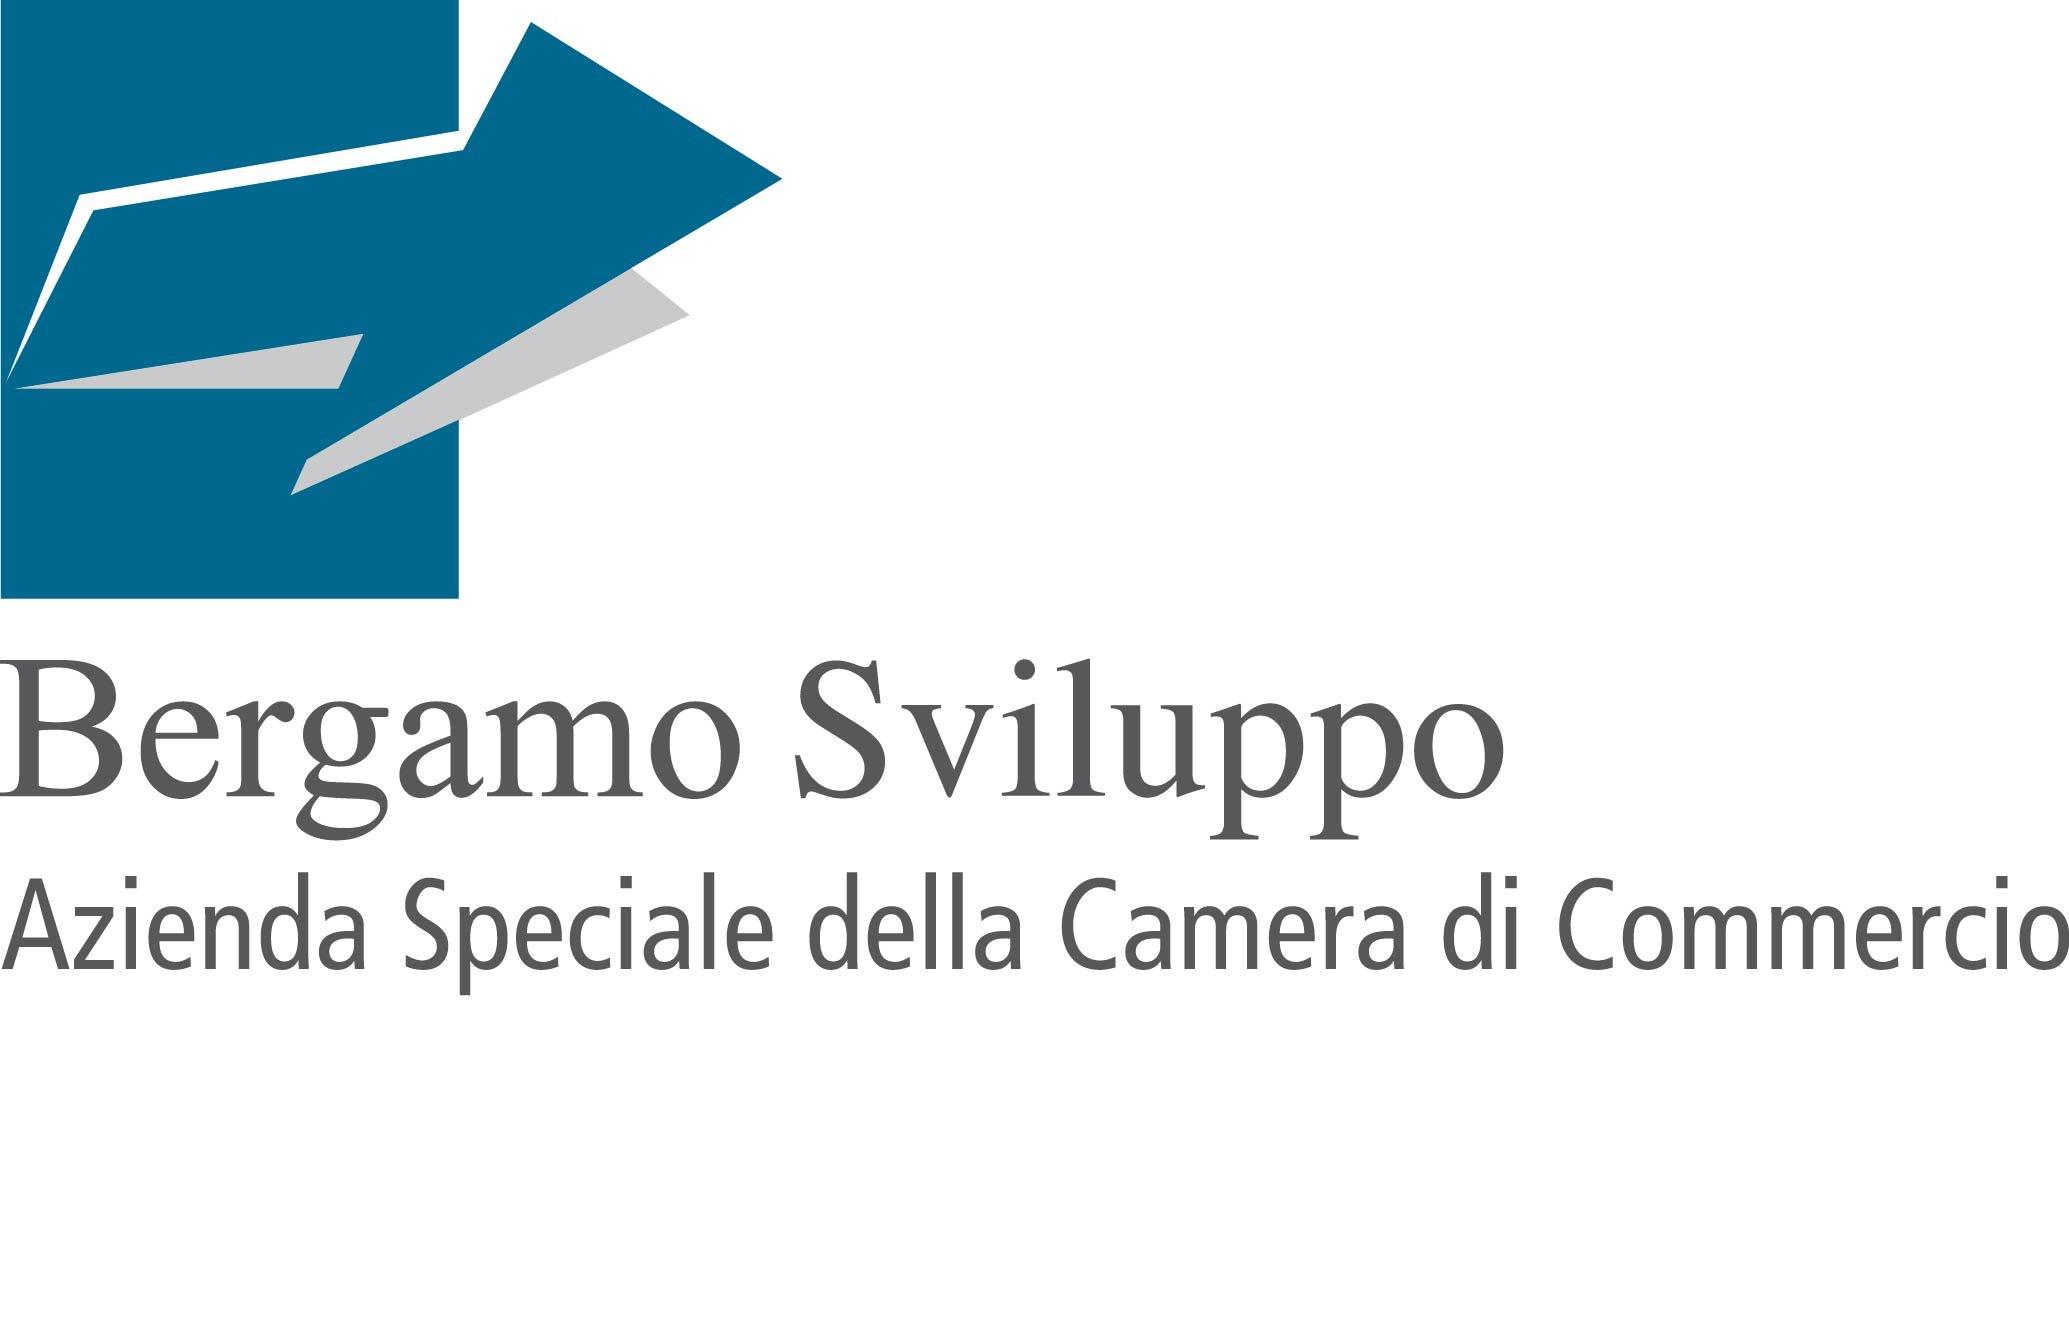 bergamo sviluppo 14519 - Fond. A. Olivetti